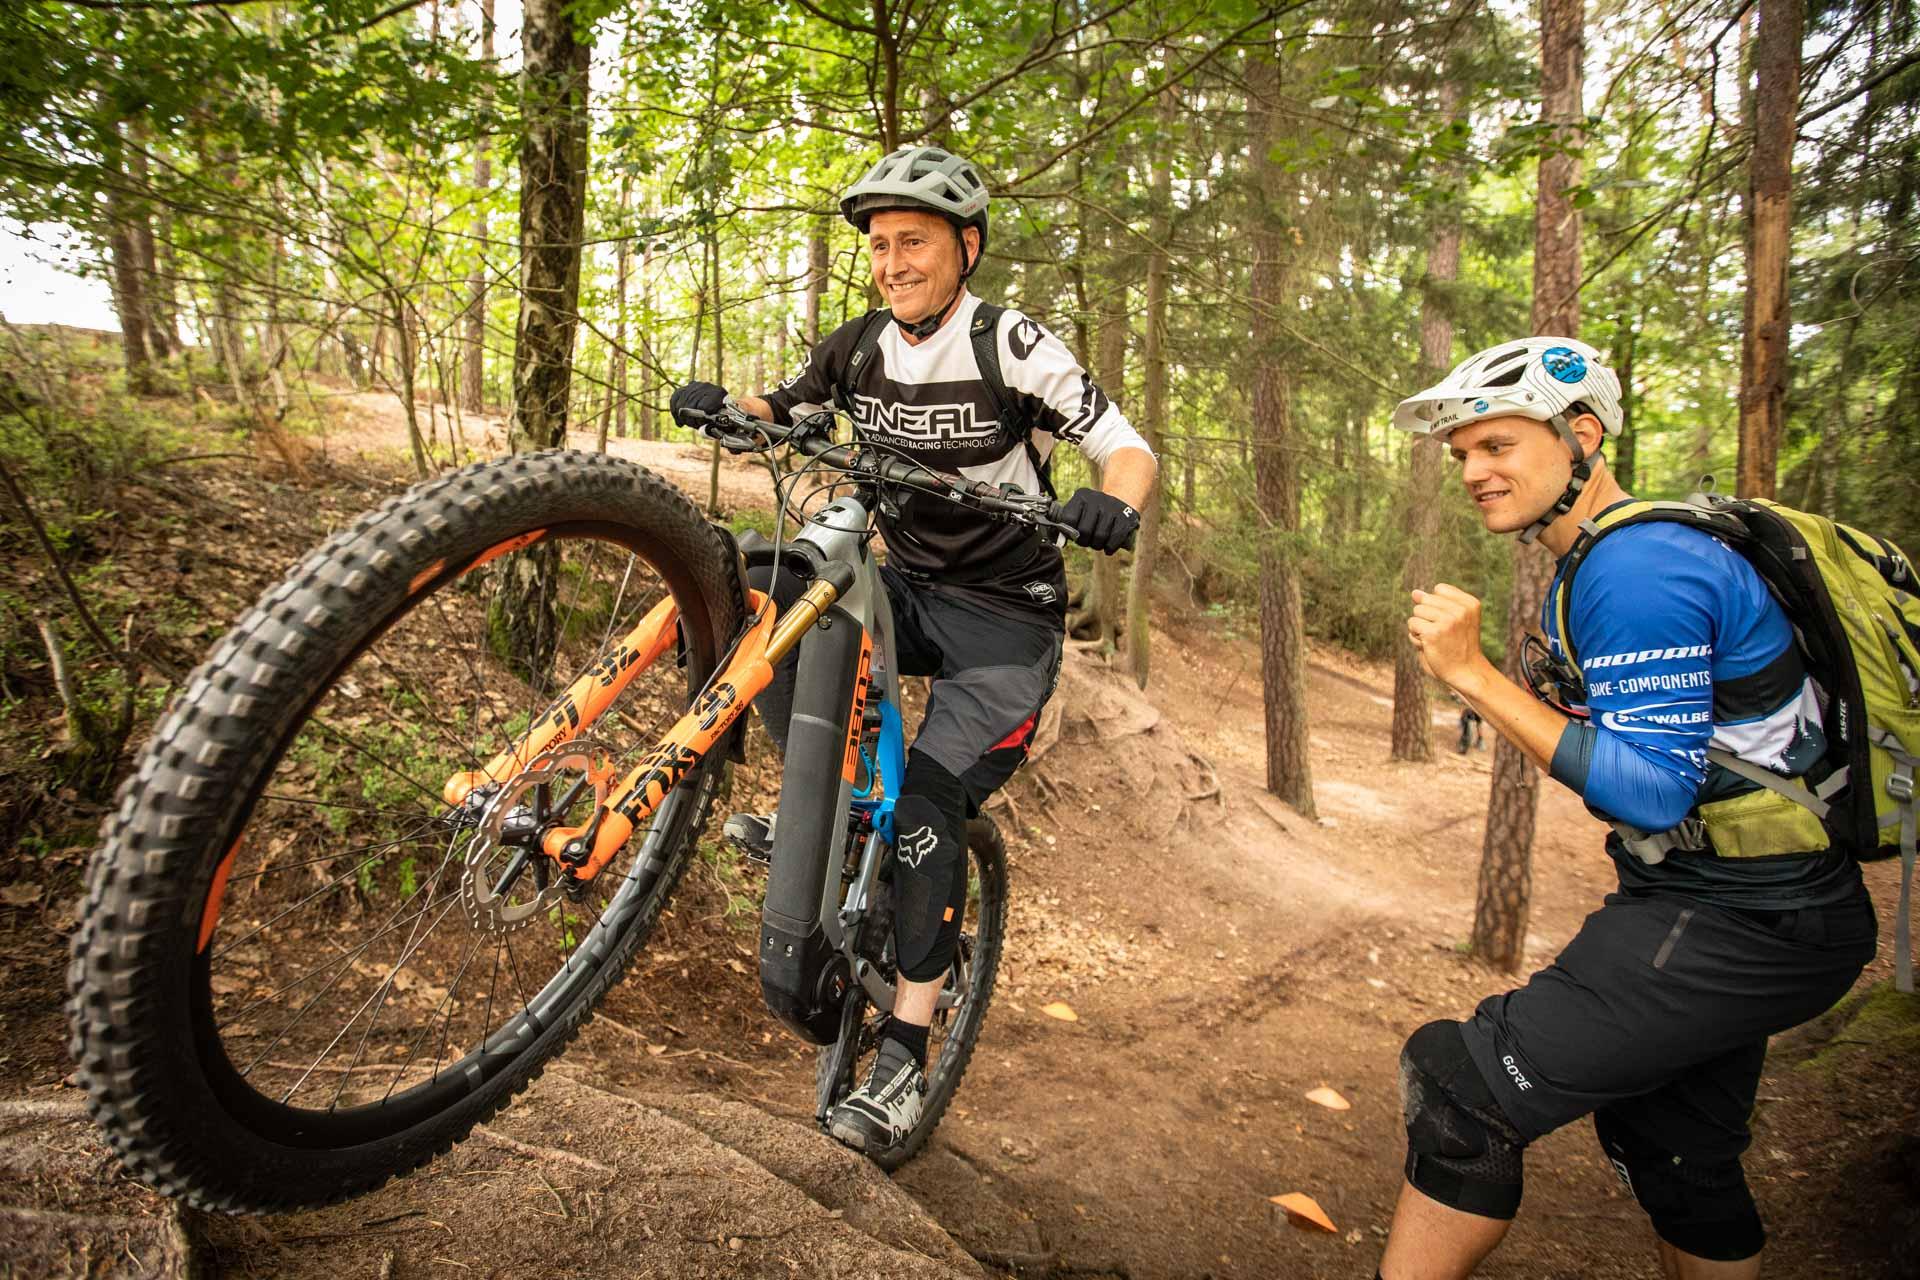 eMTB Fortgeschritten Fahrtechnik Kurs in Bad Orb Spessart - Rock my Trail Bikeschule - 5